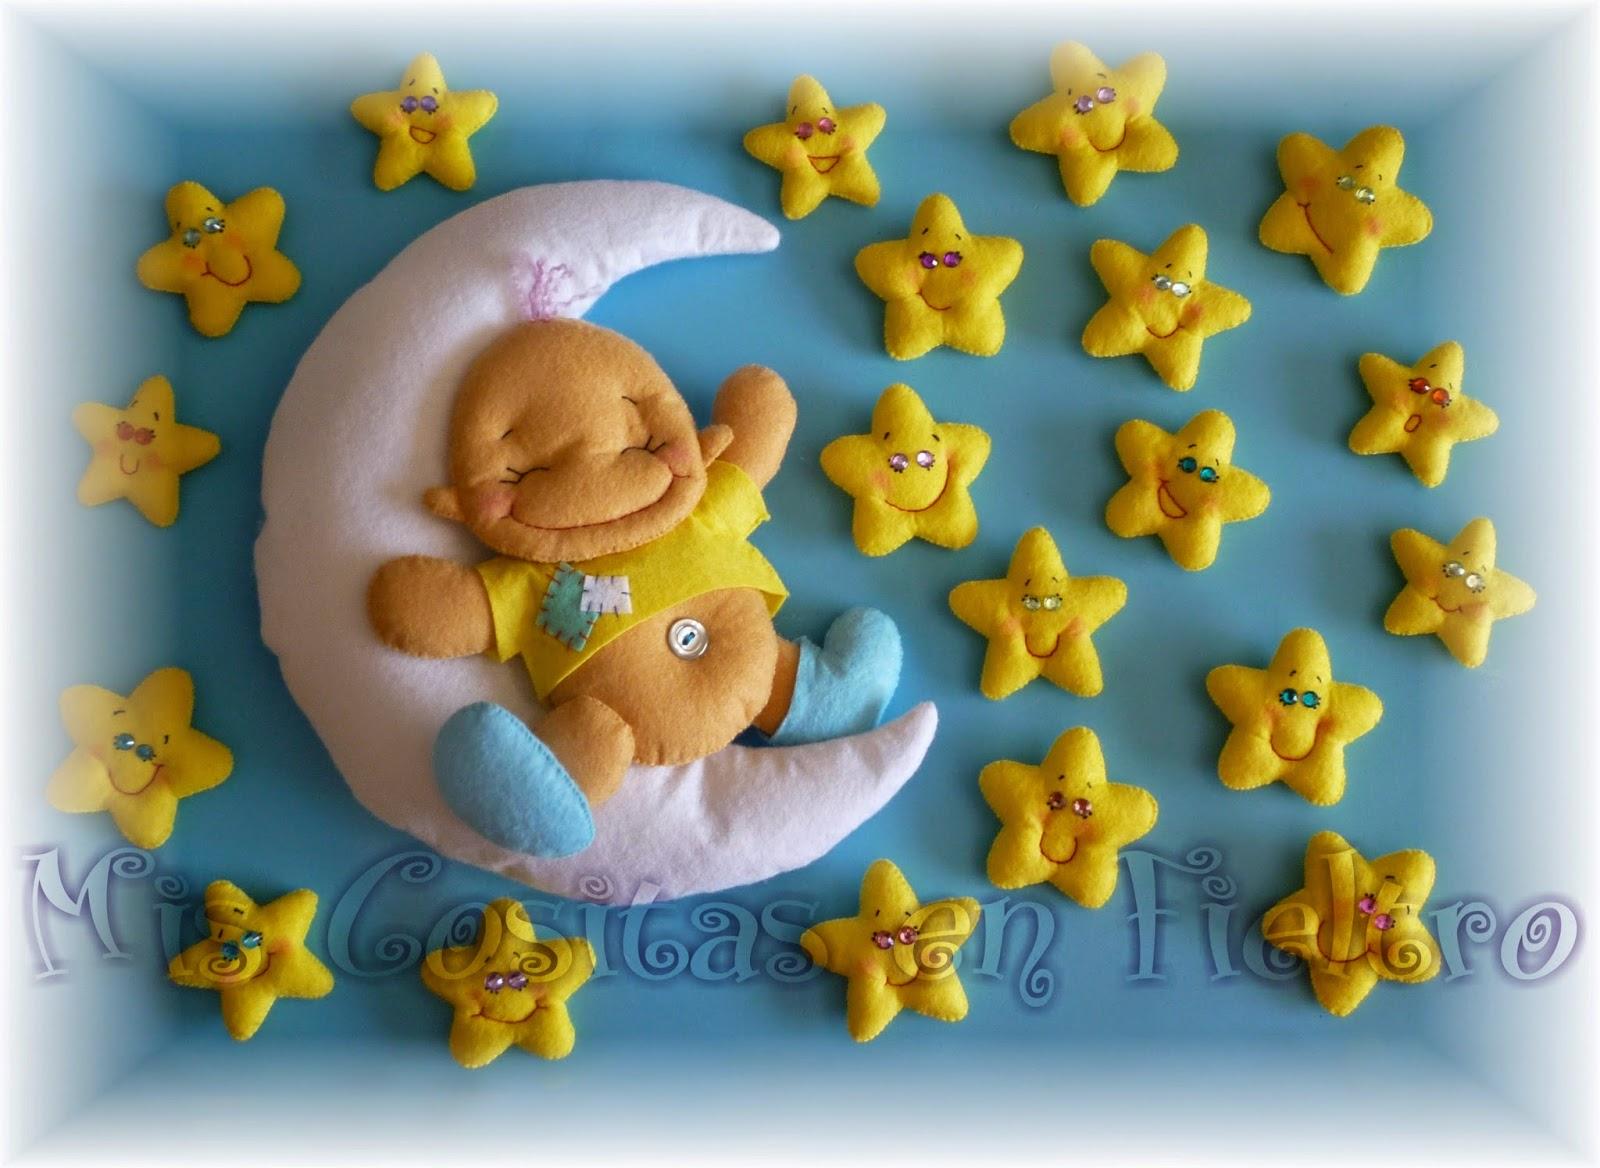 bebé en la luna, bebé dormido, fieltro, estrellas